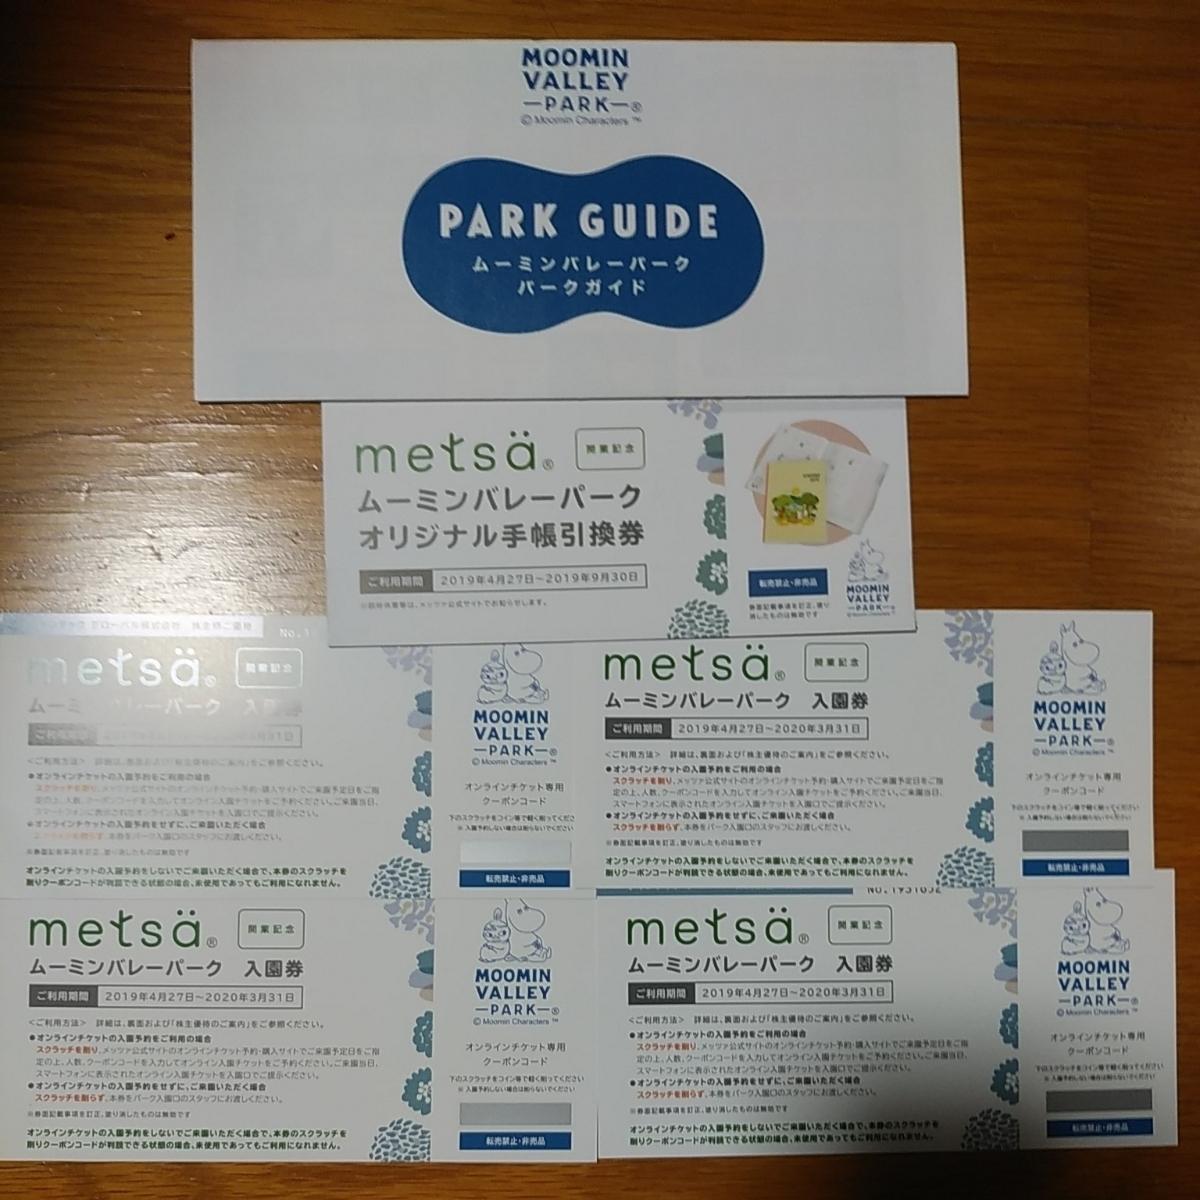 ■ ムーミンバレーパーク入園券 4枚 オリジナル手帳引き換え券 【送料無料】